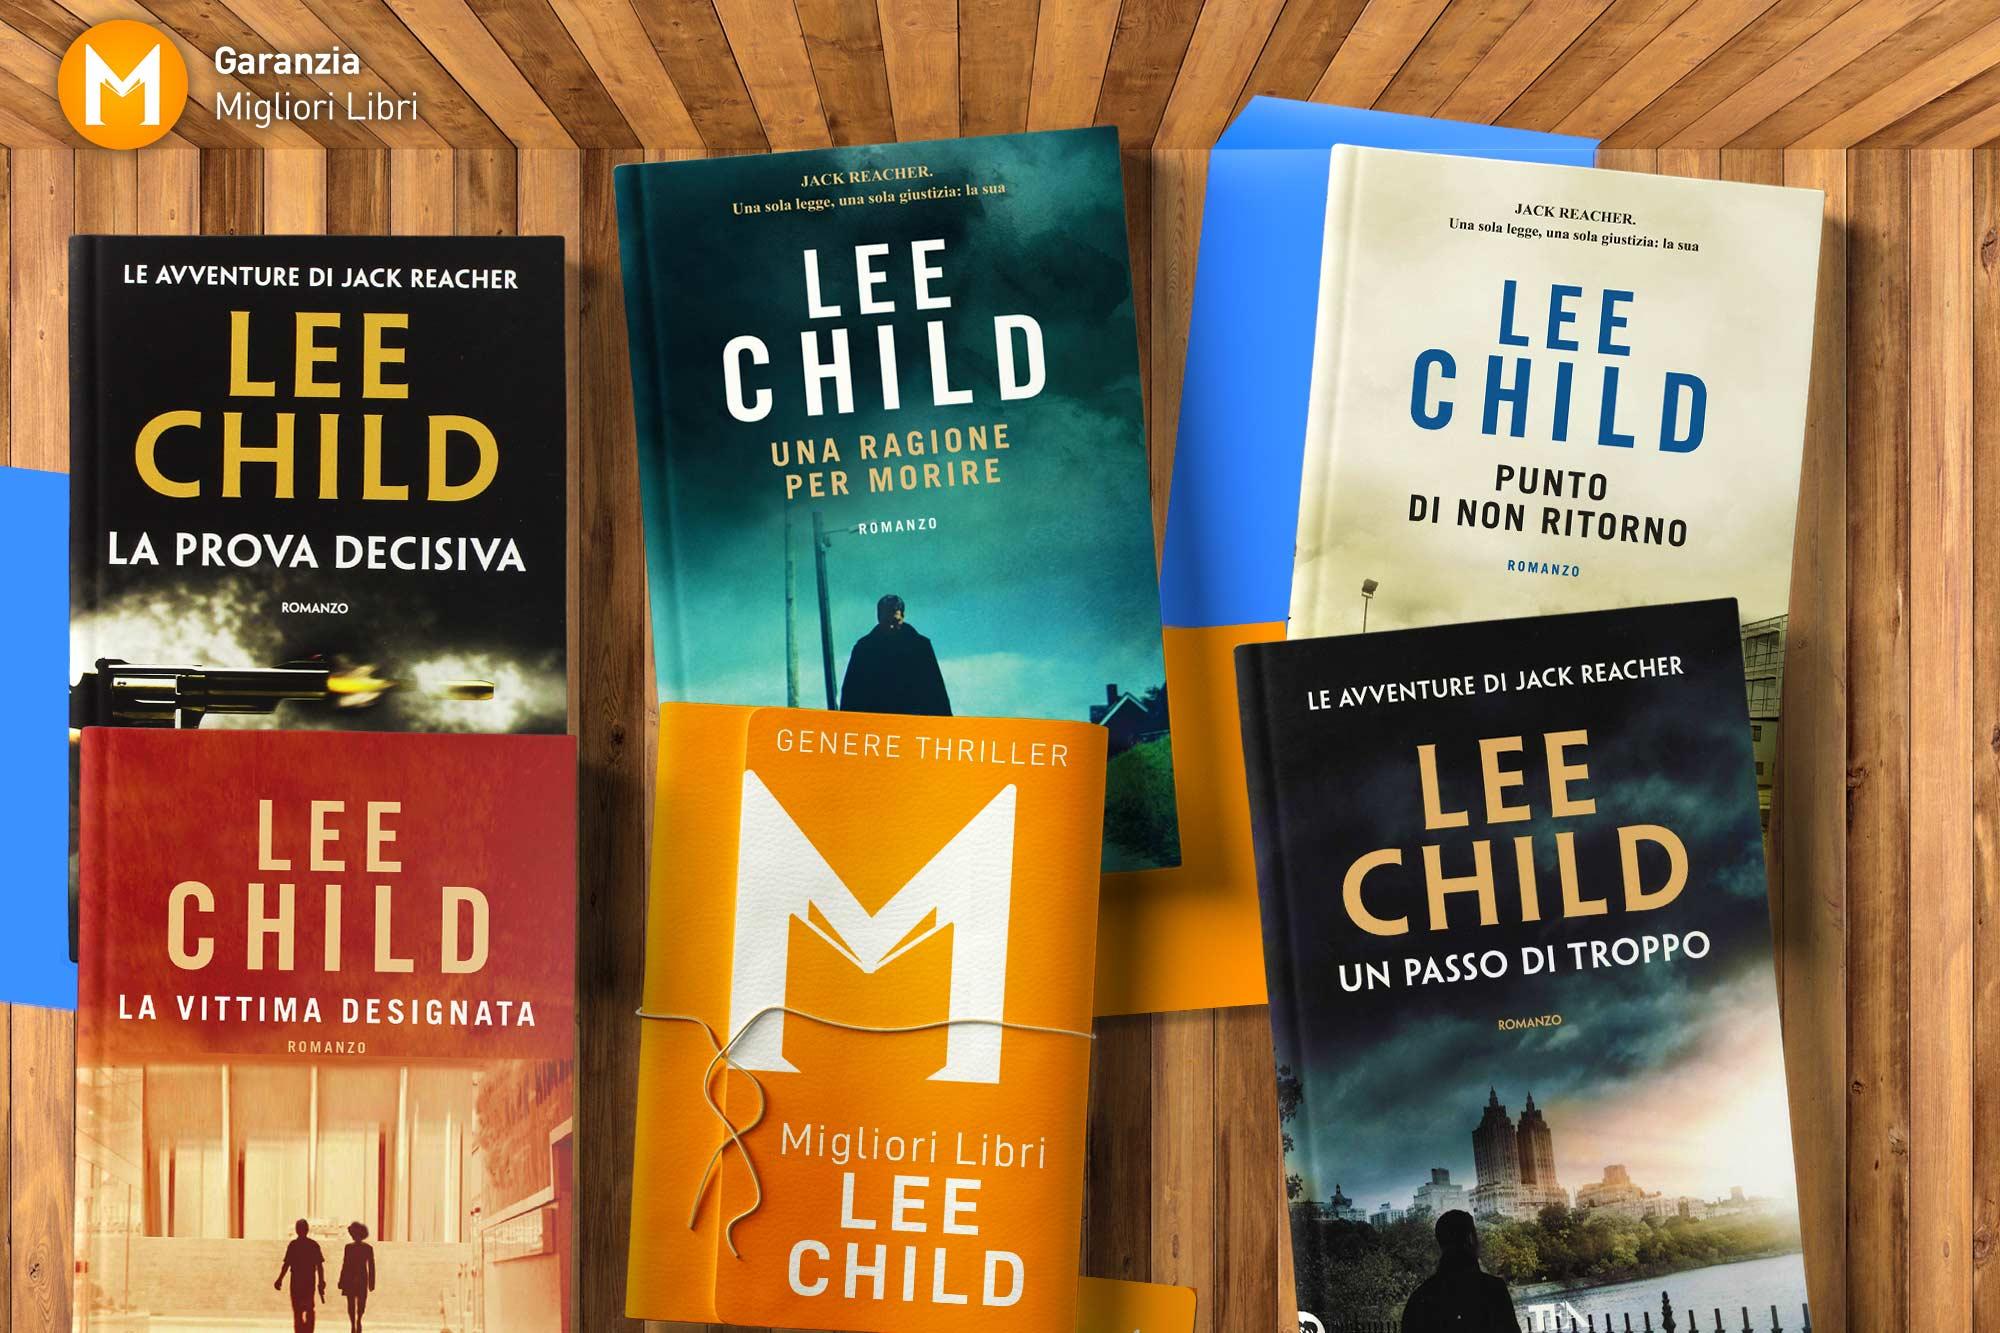 migliori-libri-lee-child